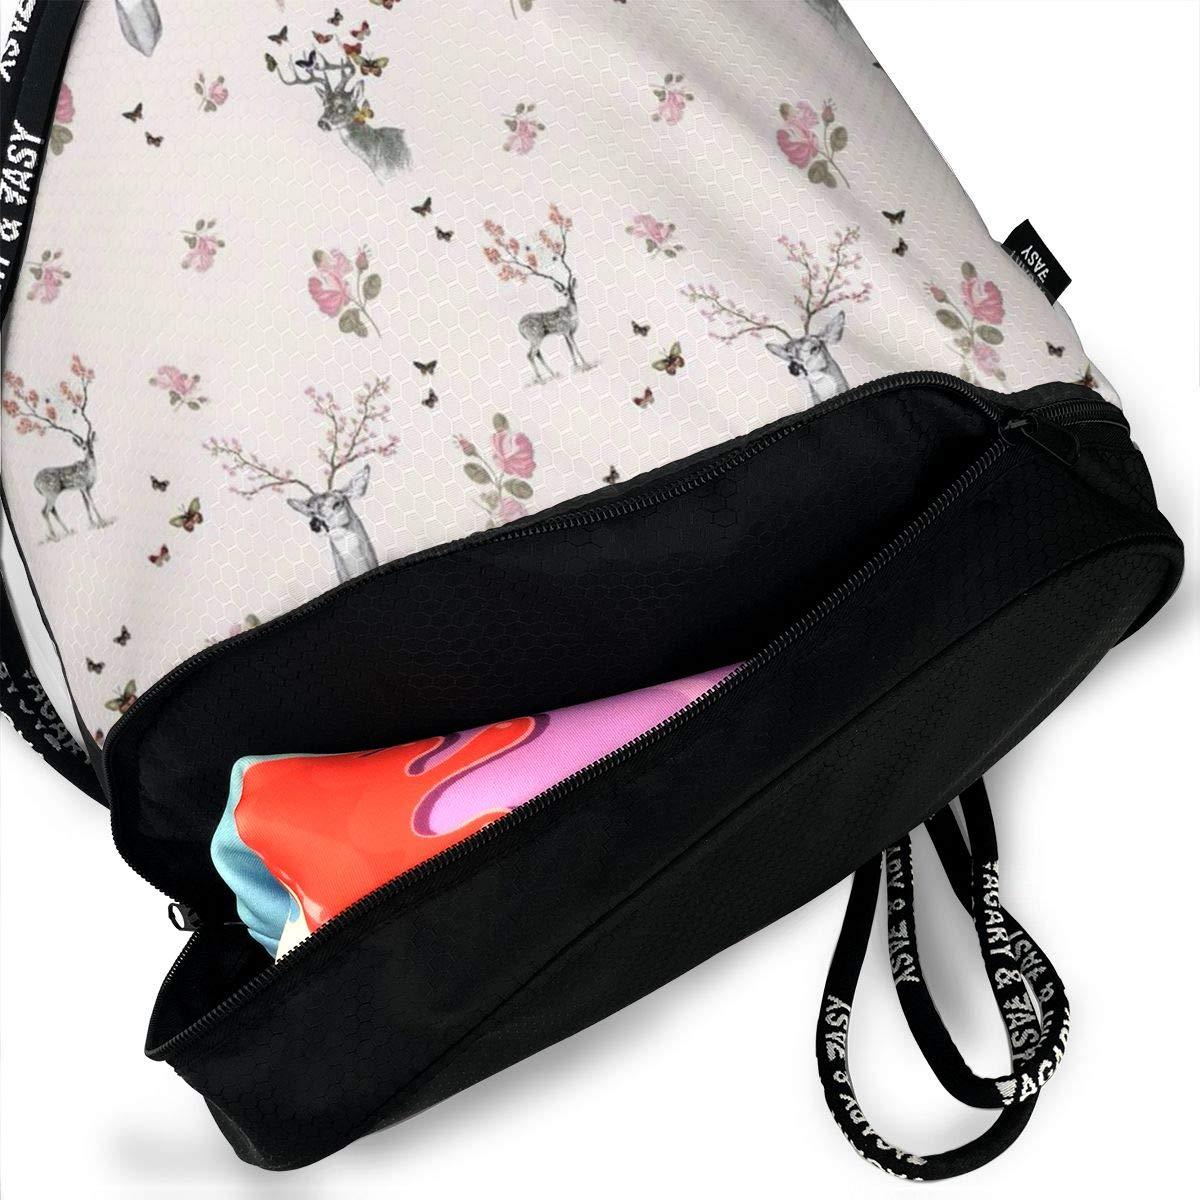 HUOPR5Q Deer Drawstring Backpack Sport Gym Sack Shoulder Bulk Bag Dance Bag for School Travel